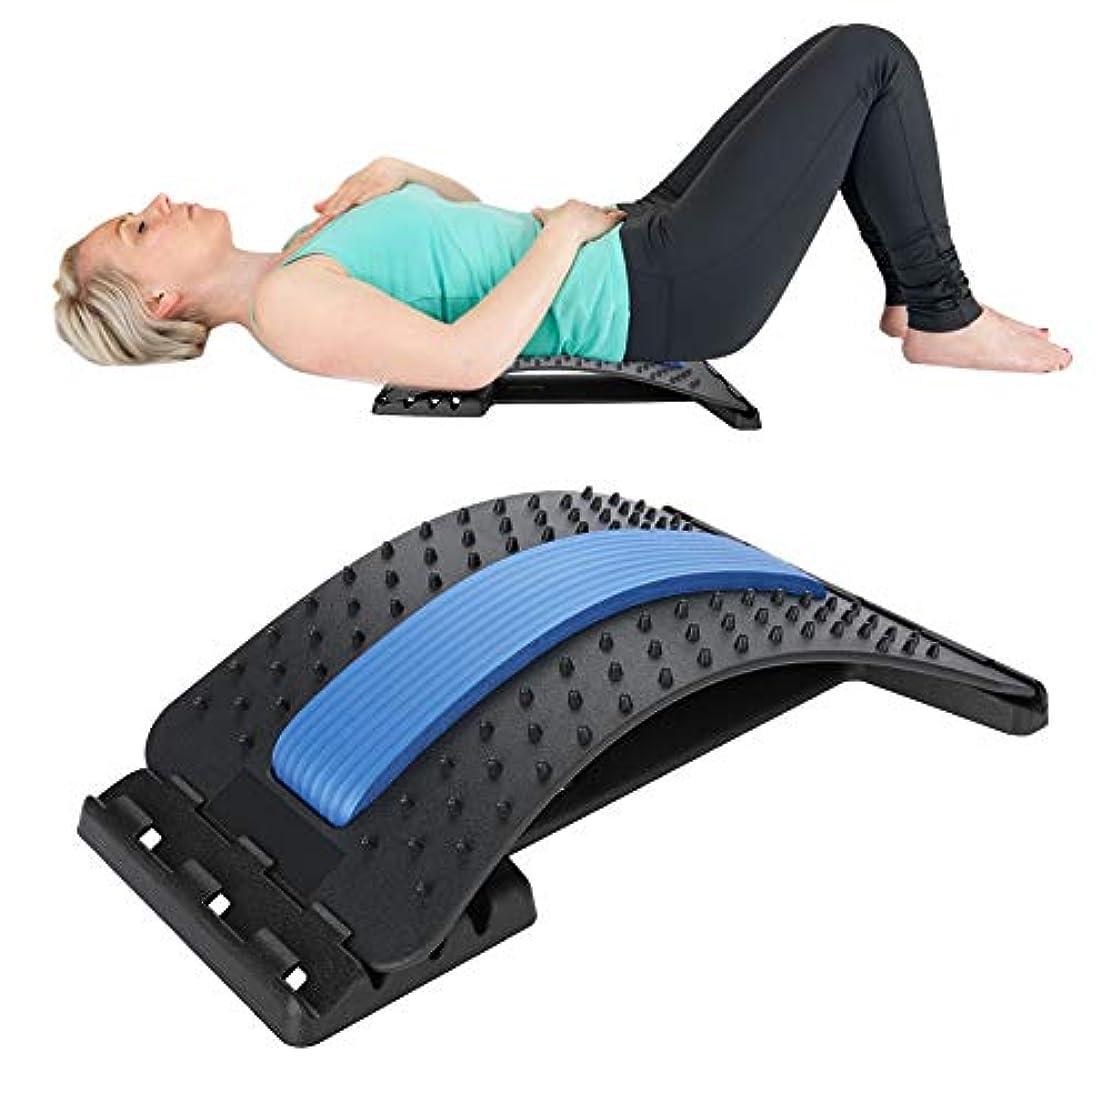 皮肉な眼消す腰部背部伸張器装置、背部マッサージャー背部腰痛のための背部腰痛サポート牽引の伸張のリラックスした脊椎減圧枕